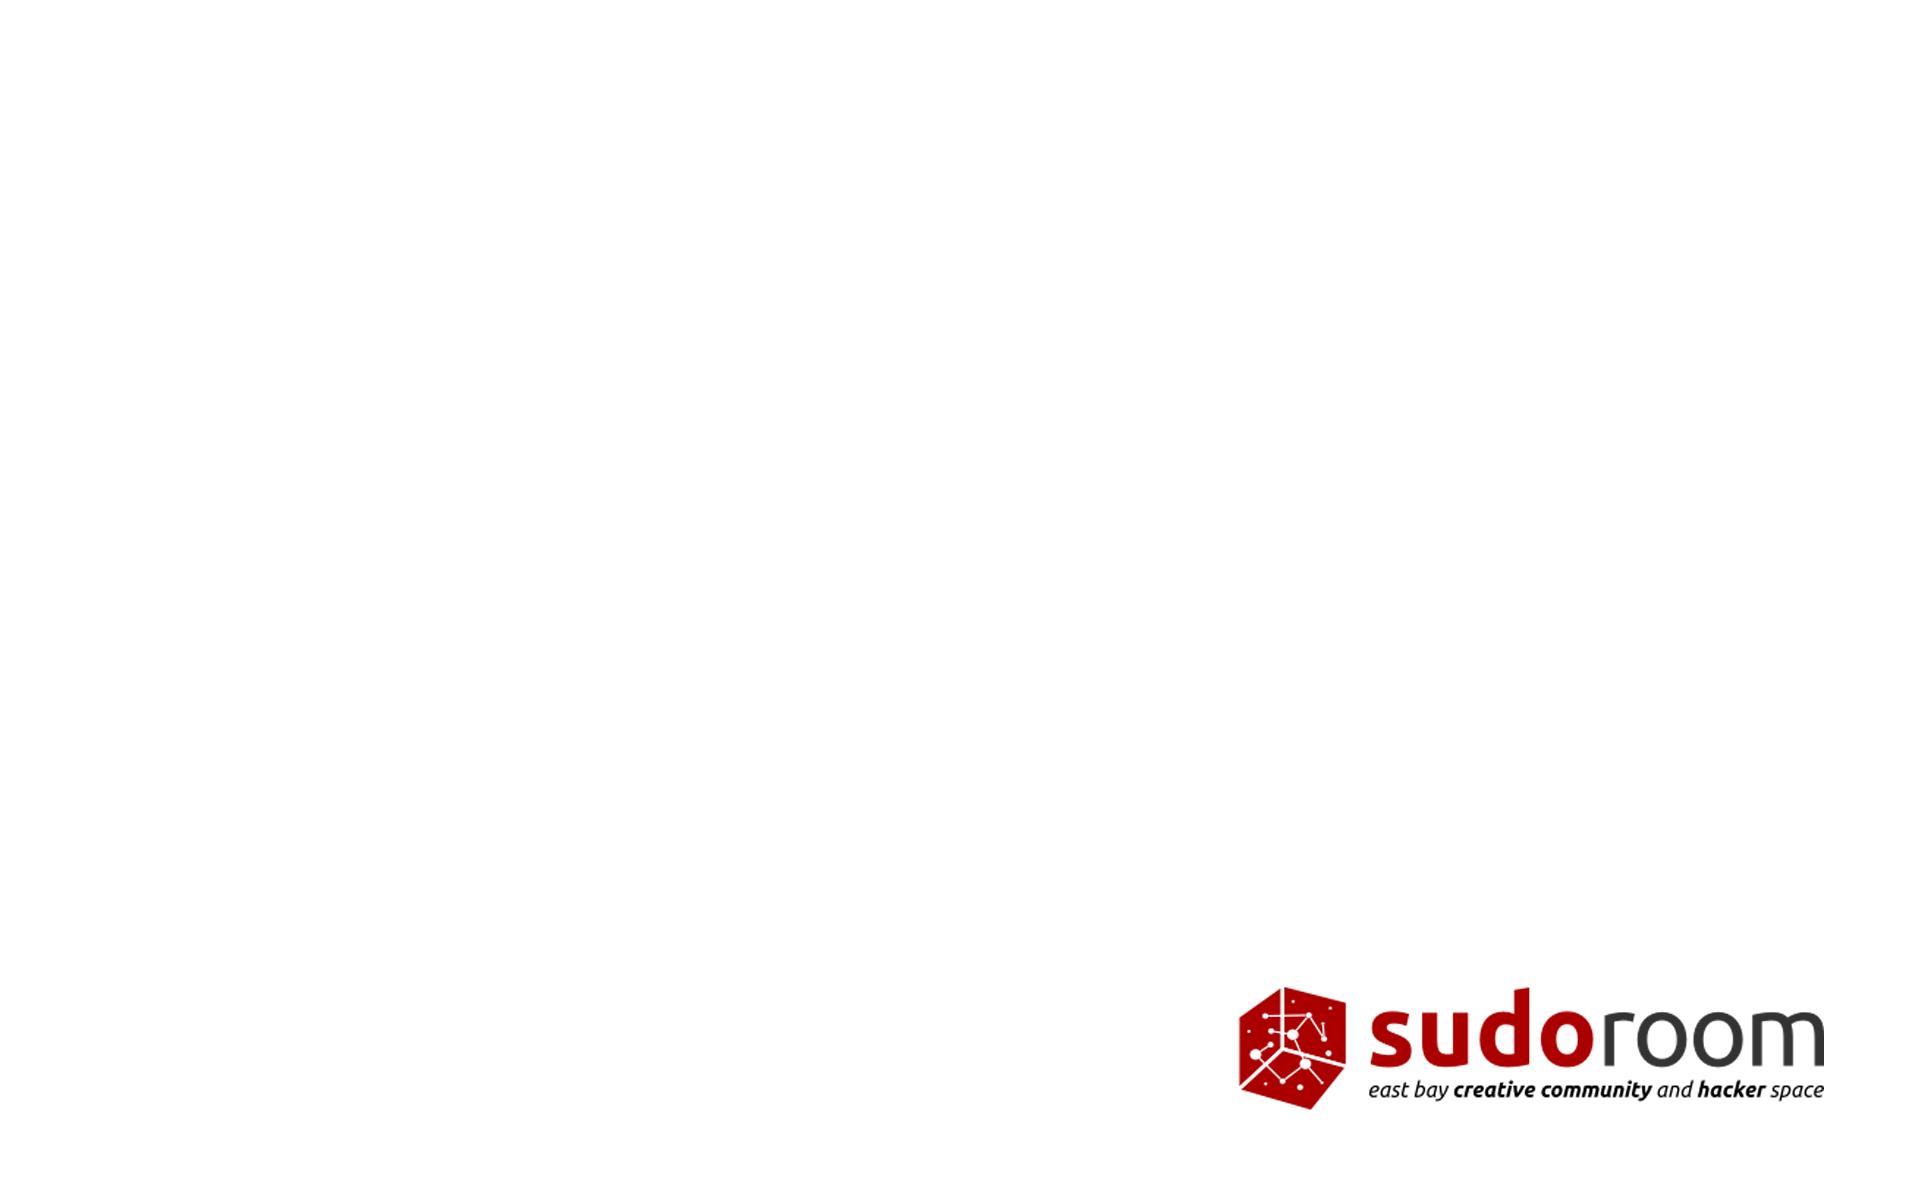 SudoRoom-Wallpaper-2